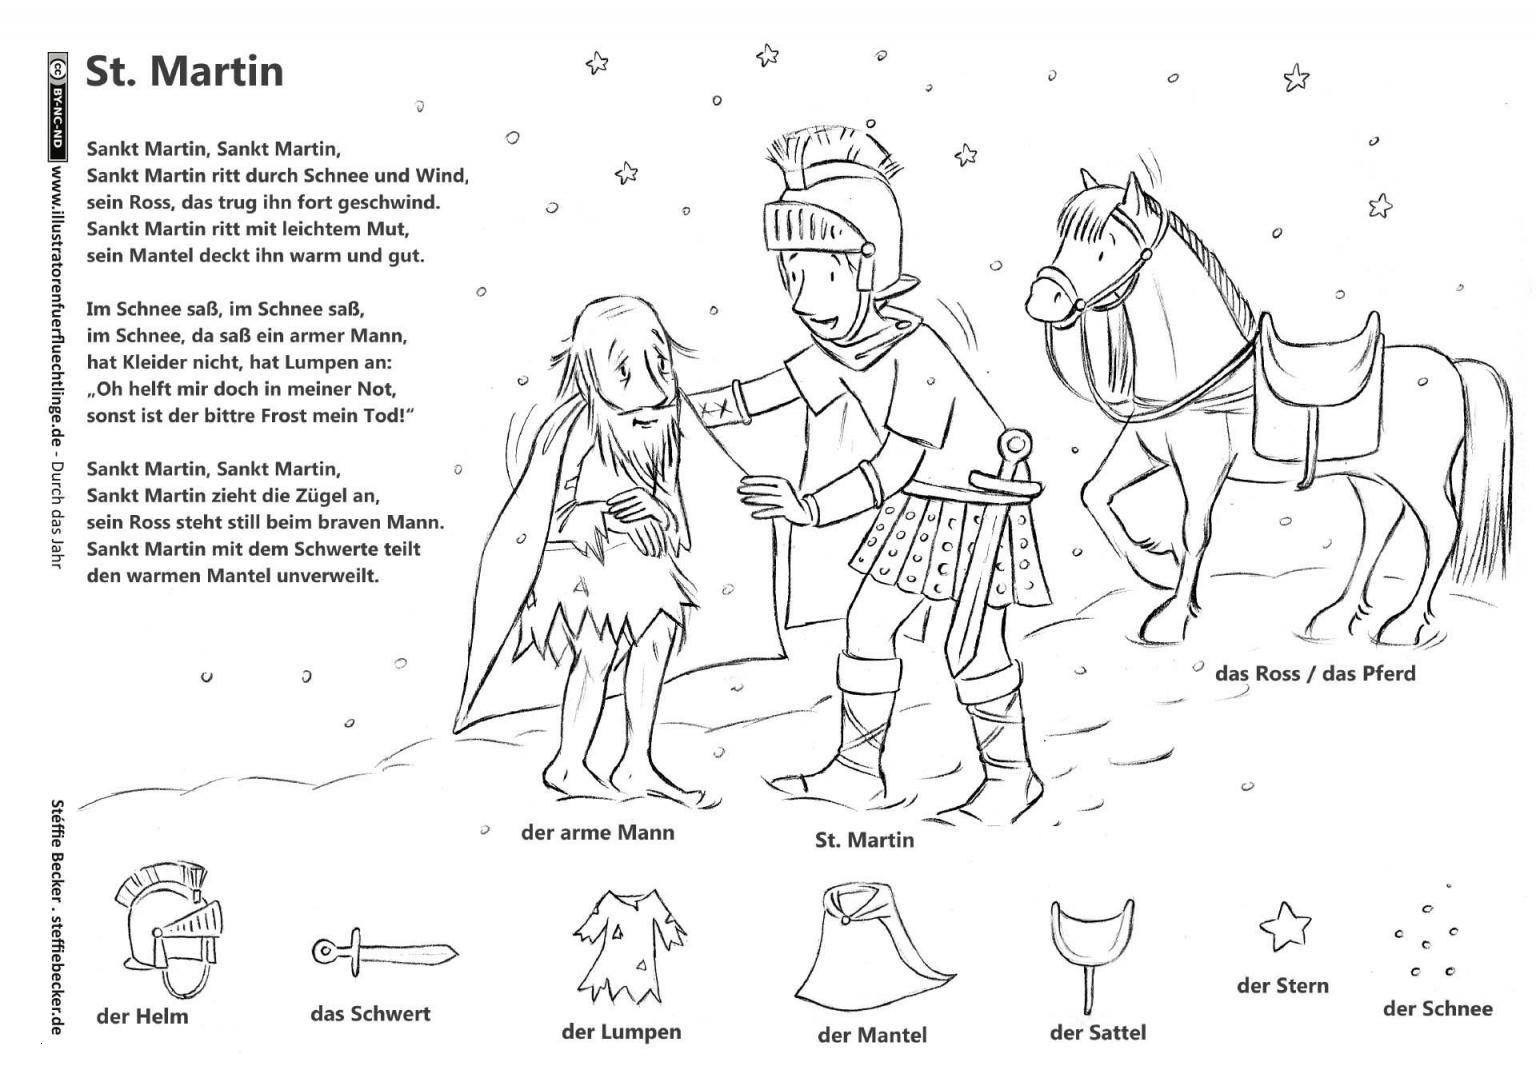 Olaf Frozen Ausmalbilder Inspirierend Bayern Ausmalbilder Schön Igel Grundschule 0d Archives Luxus Pferde Fotos